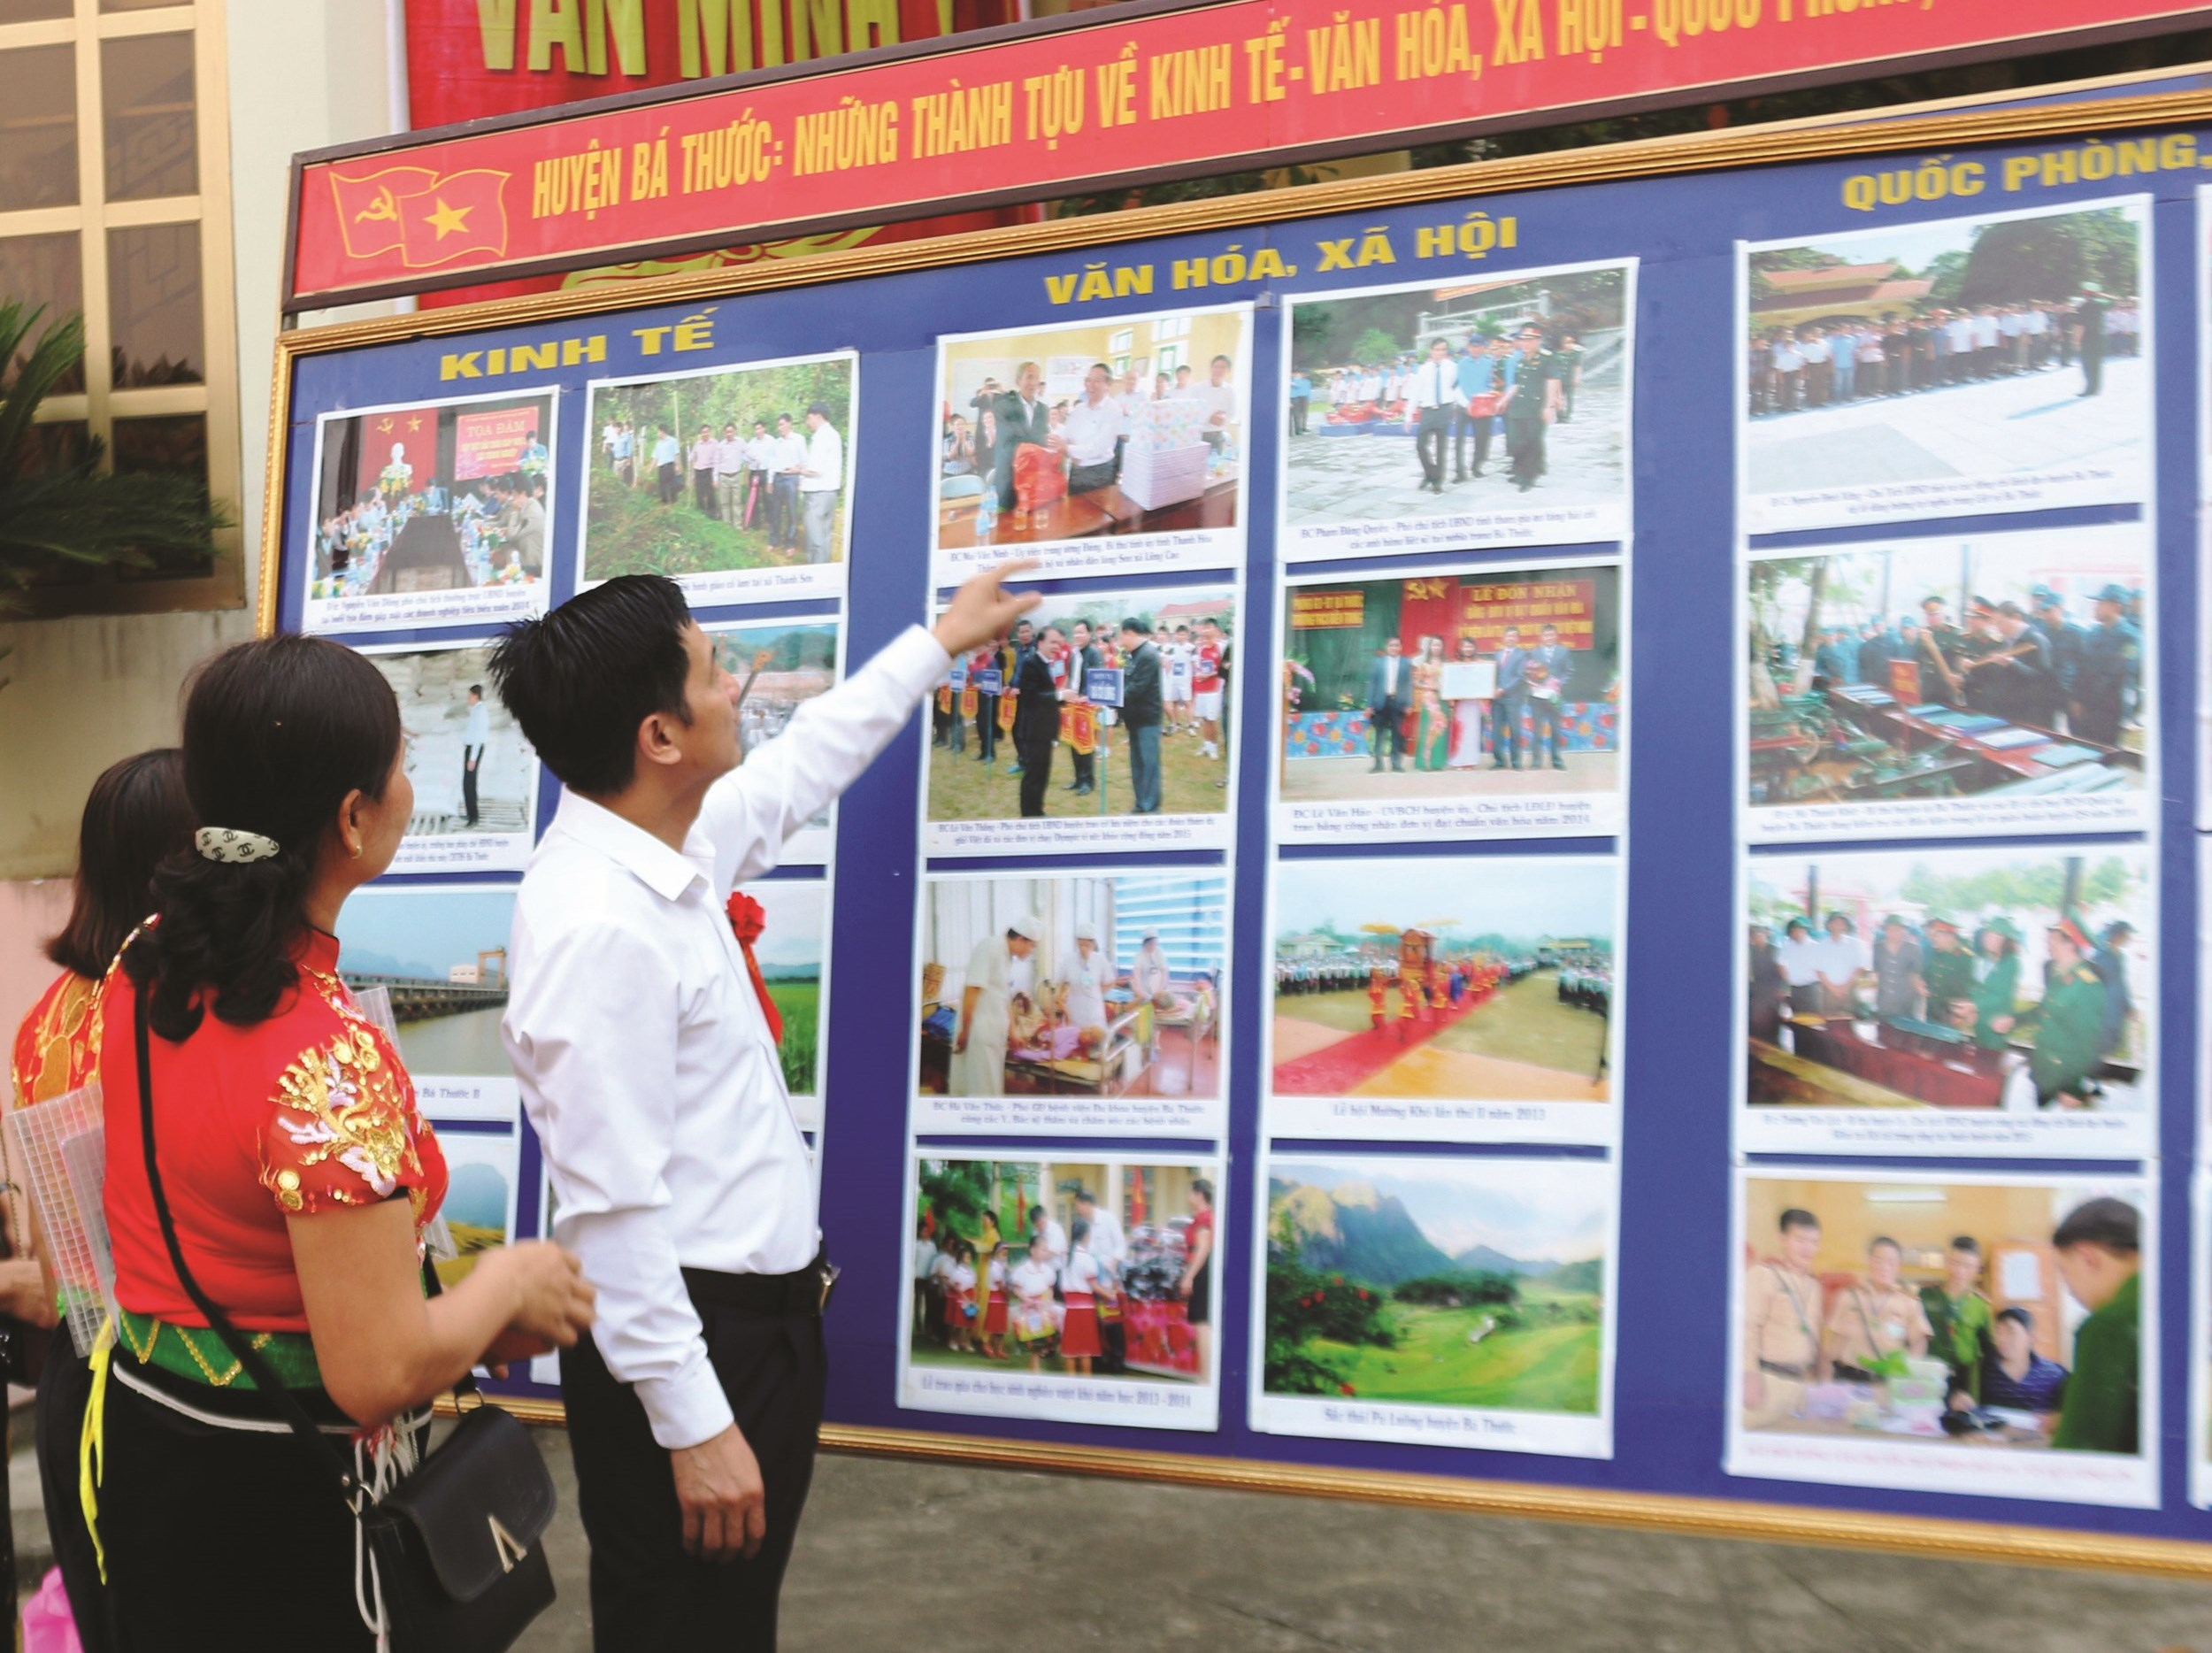 Ông Lương Văn Tưởng, Trưởng Ban Dân tộc Thanh Hóa giới thiệu về thành tựu kinh tế - văn hóa - xã hội ở một huyện miền núi